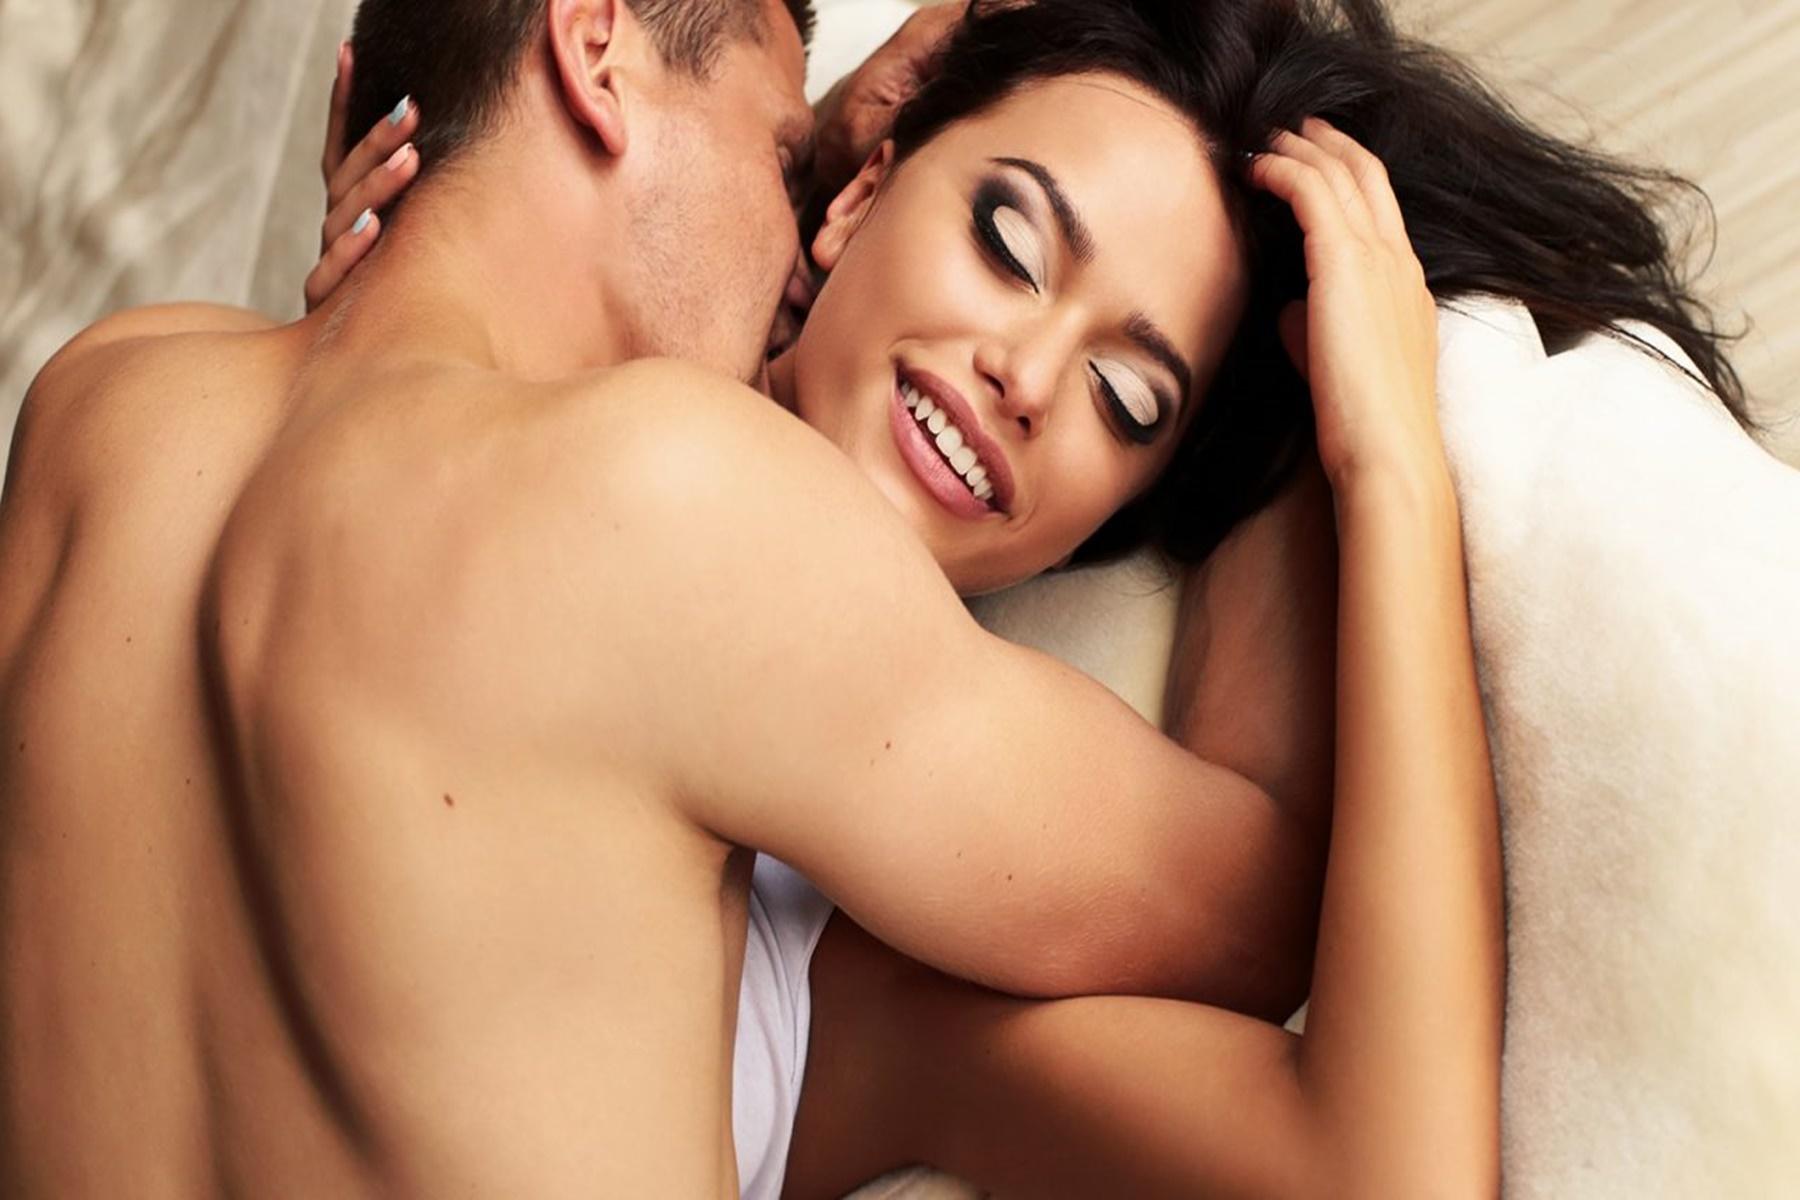 Σεξουαλική υγεία : Τα οφέλη της στο σώμα